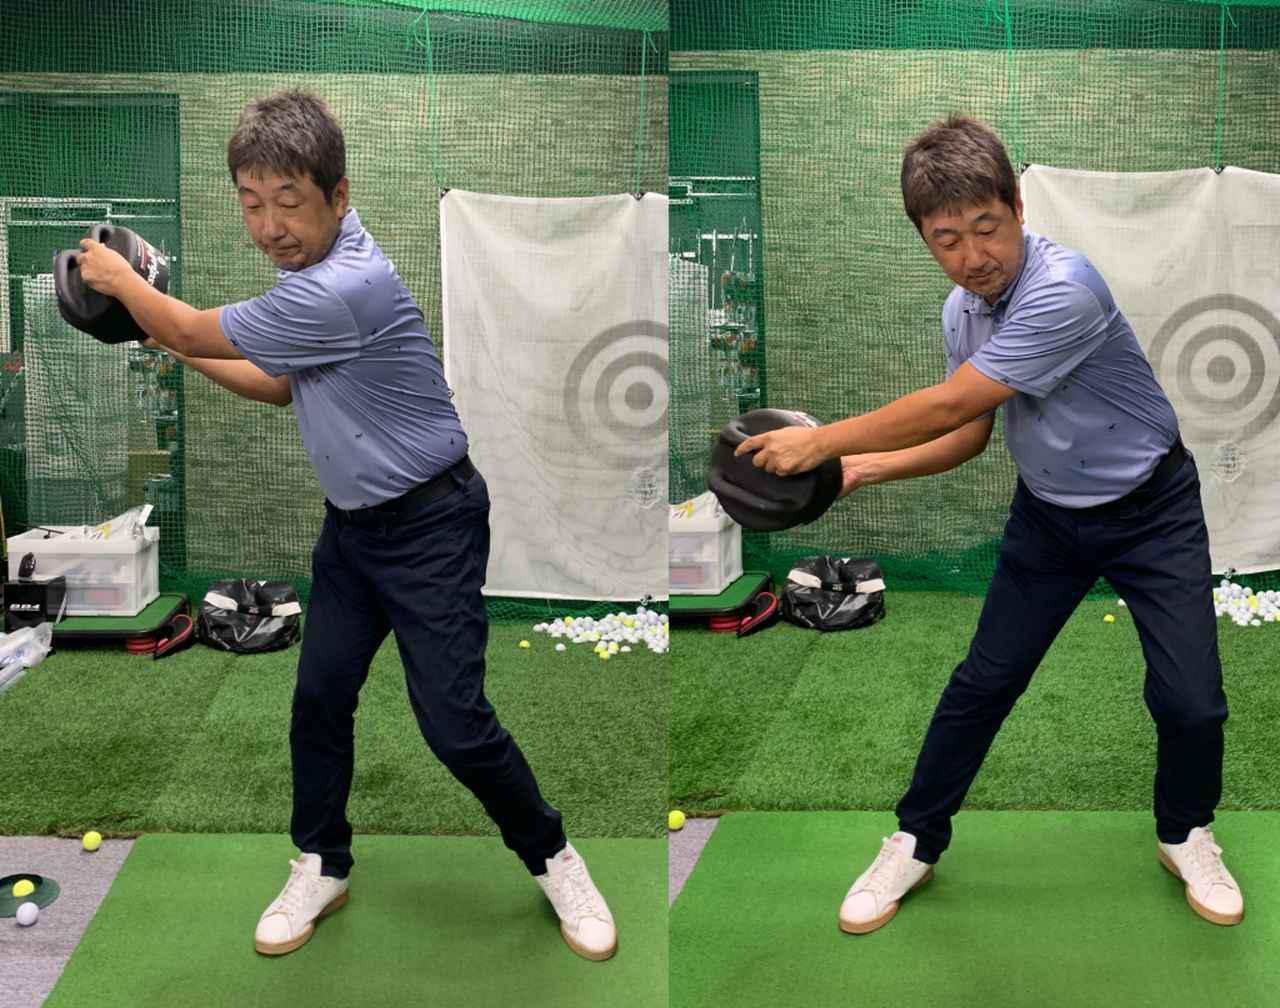 画像: 重いものを持って、それを体の右側に残したまま左に踏み込む